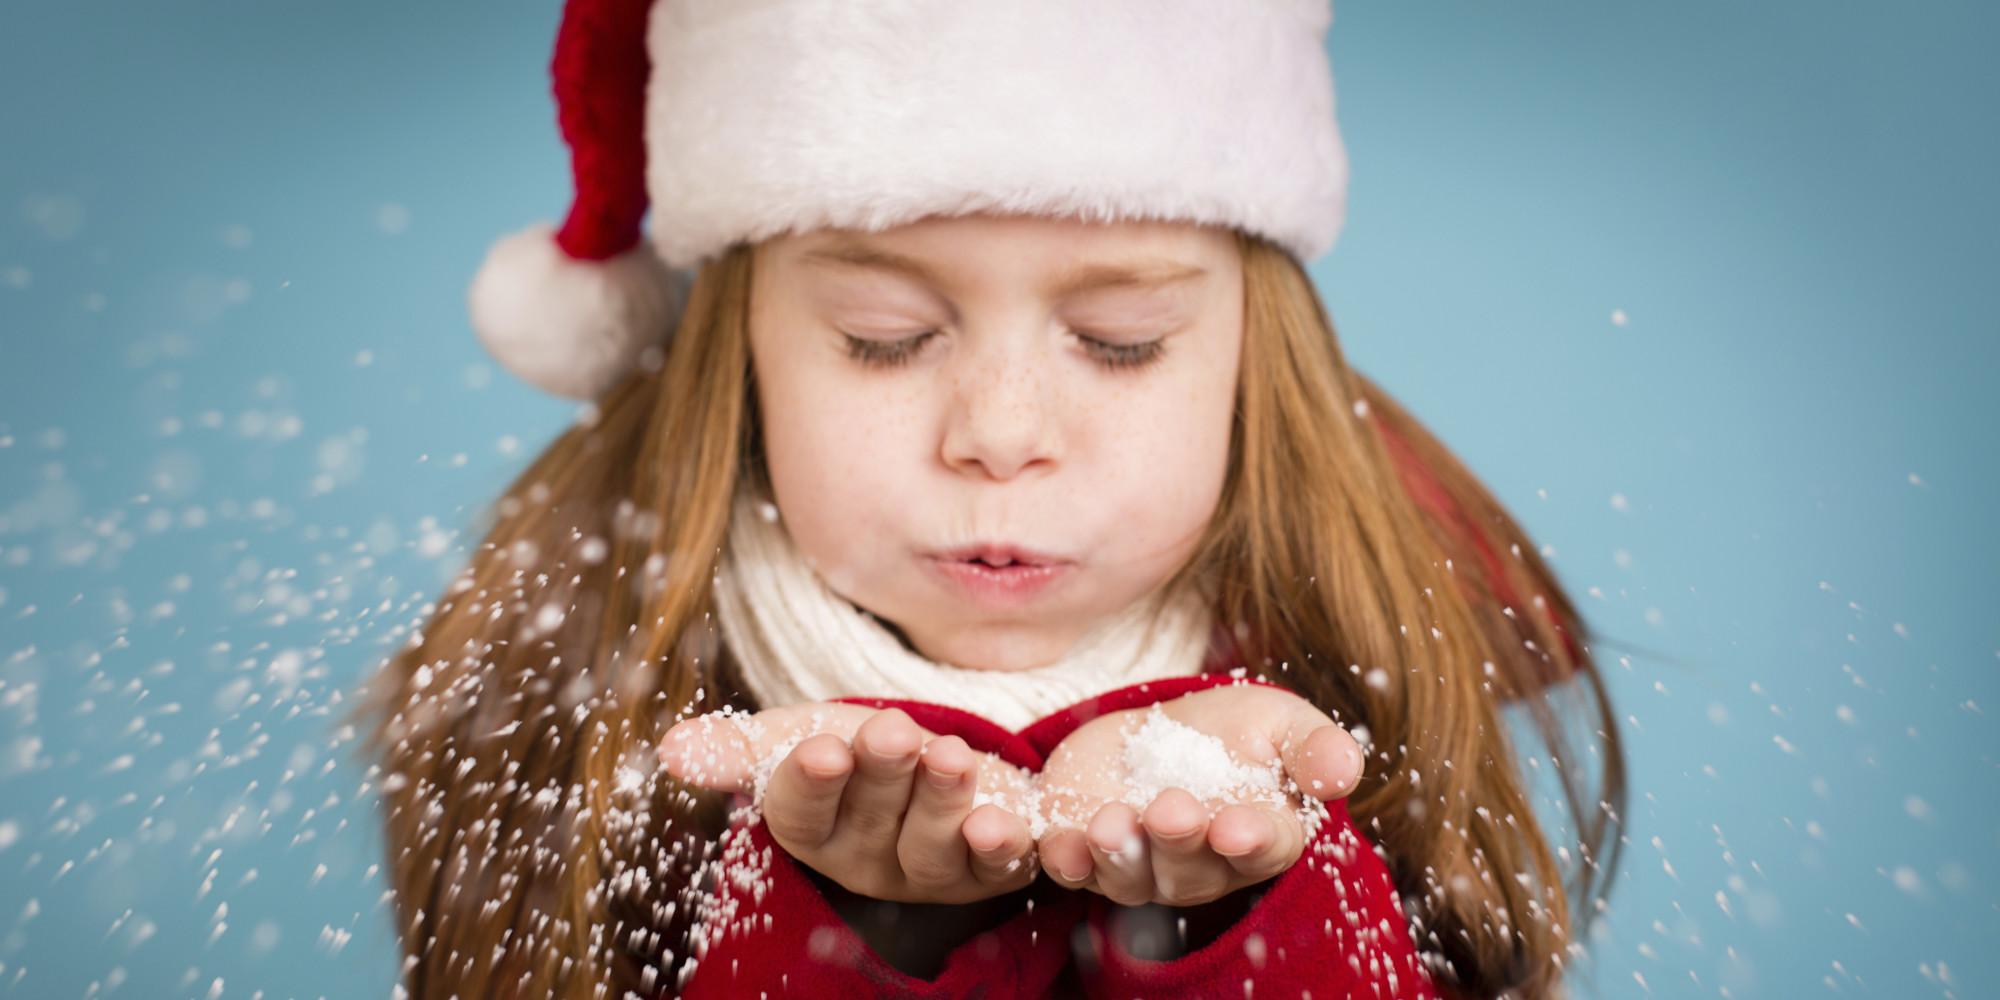 Как загадать желание на новый год чтобы сбылось